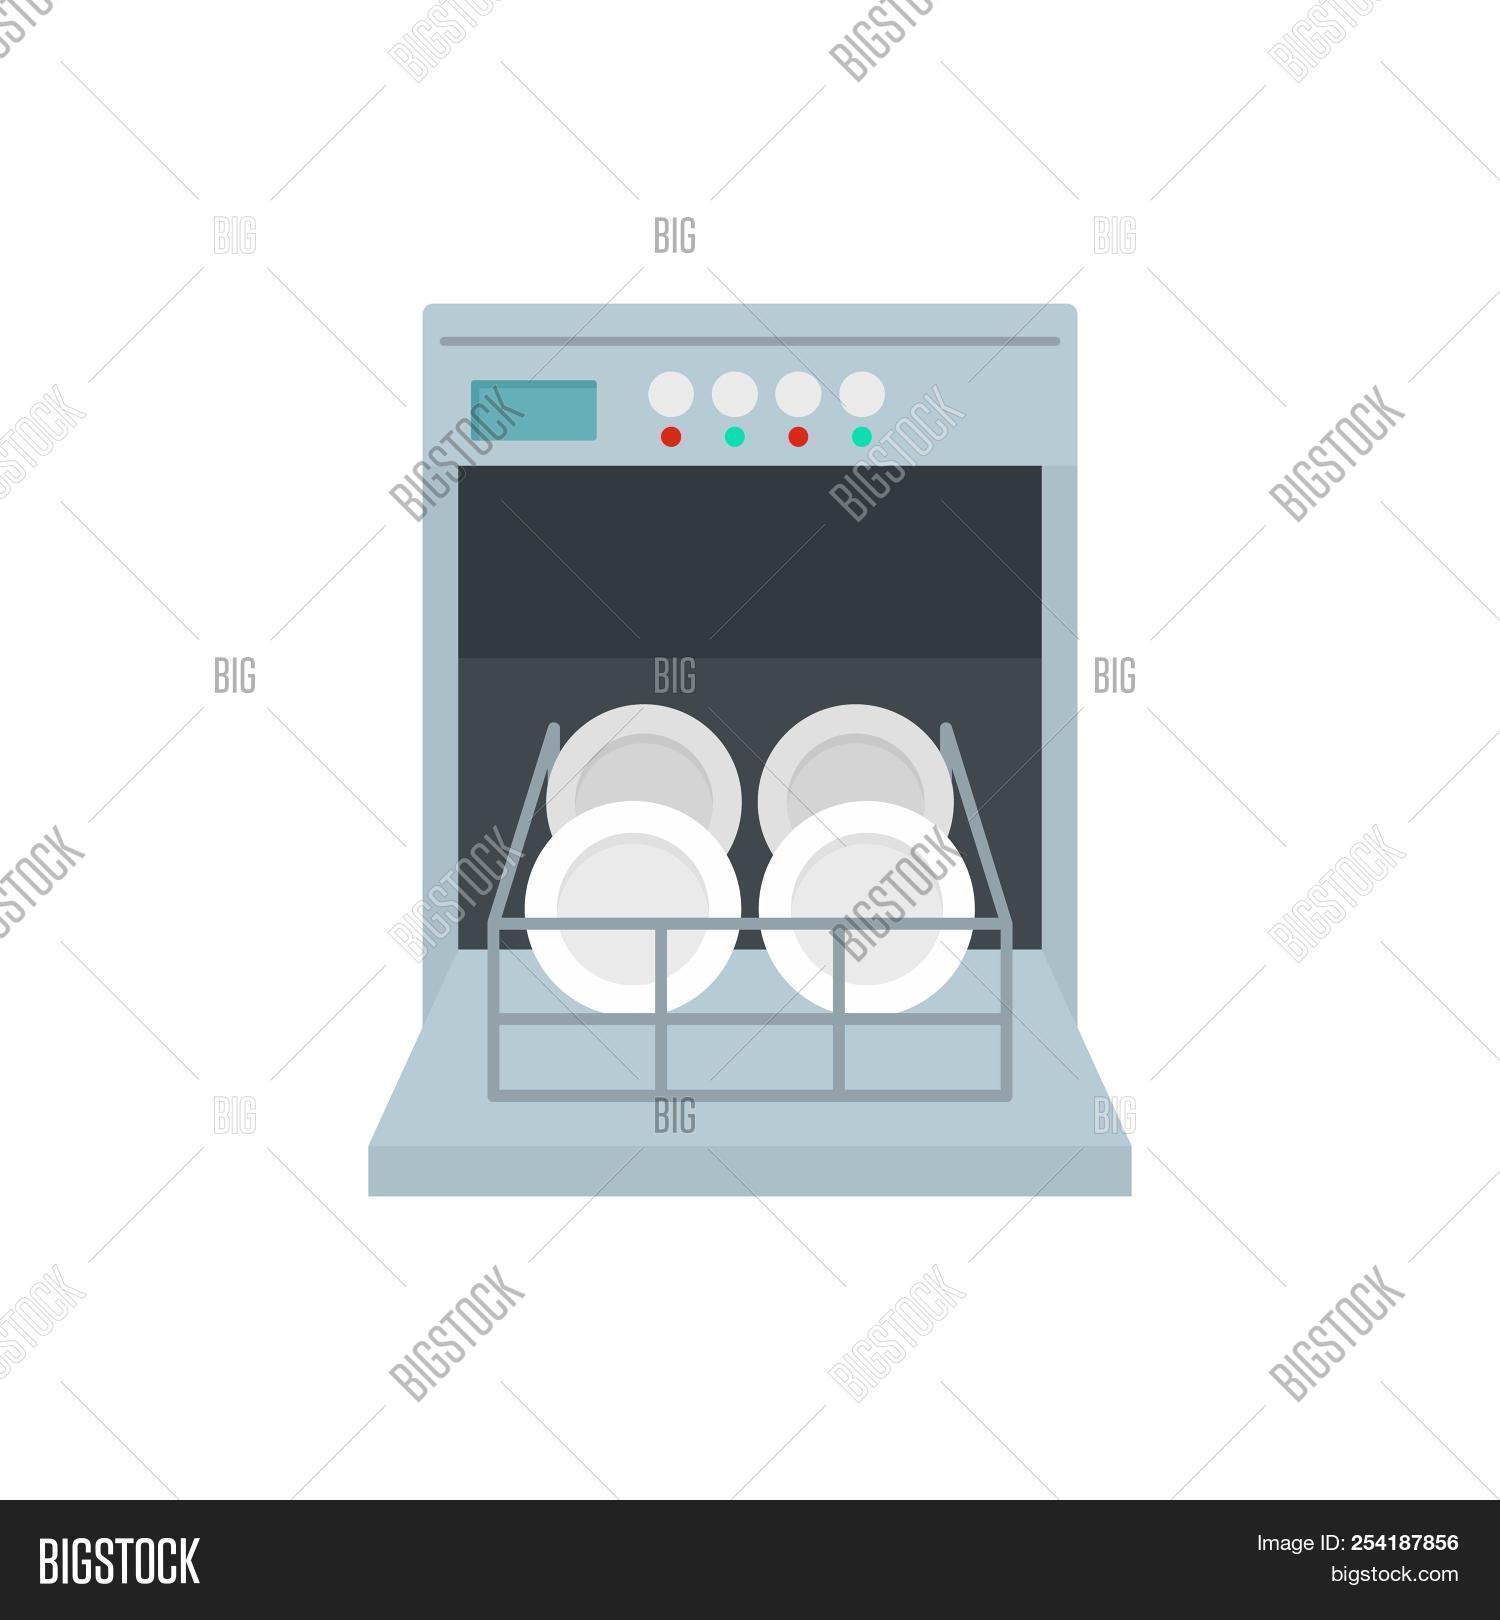 open dishwasher icon flat